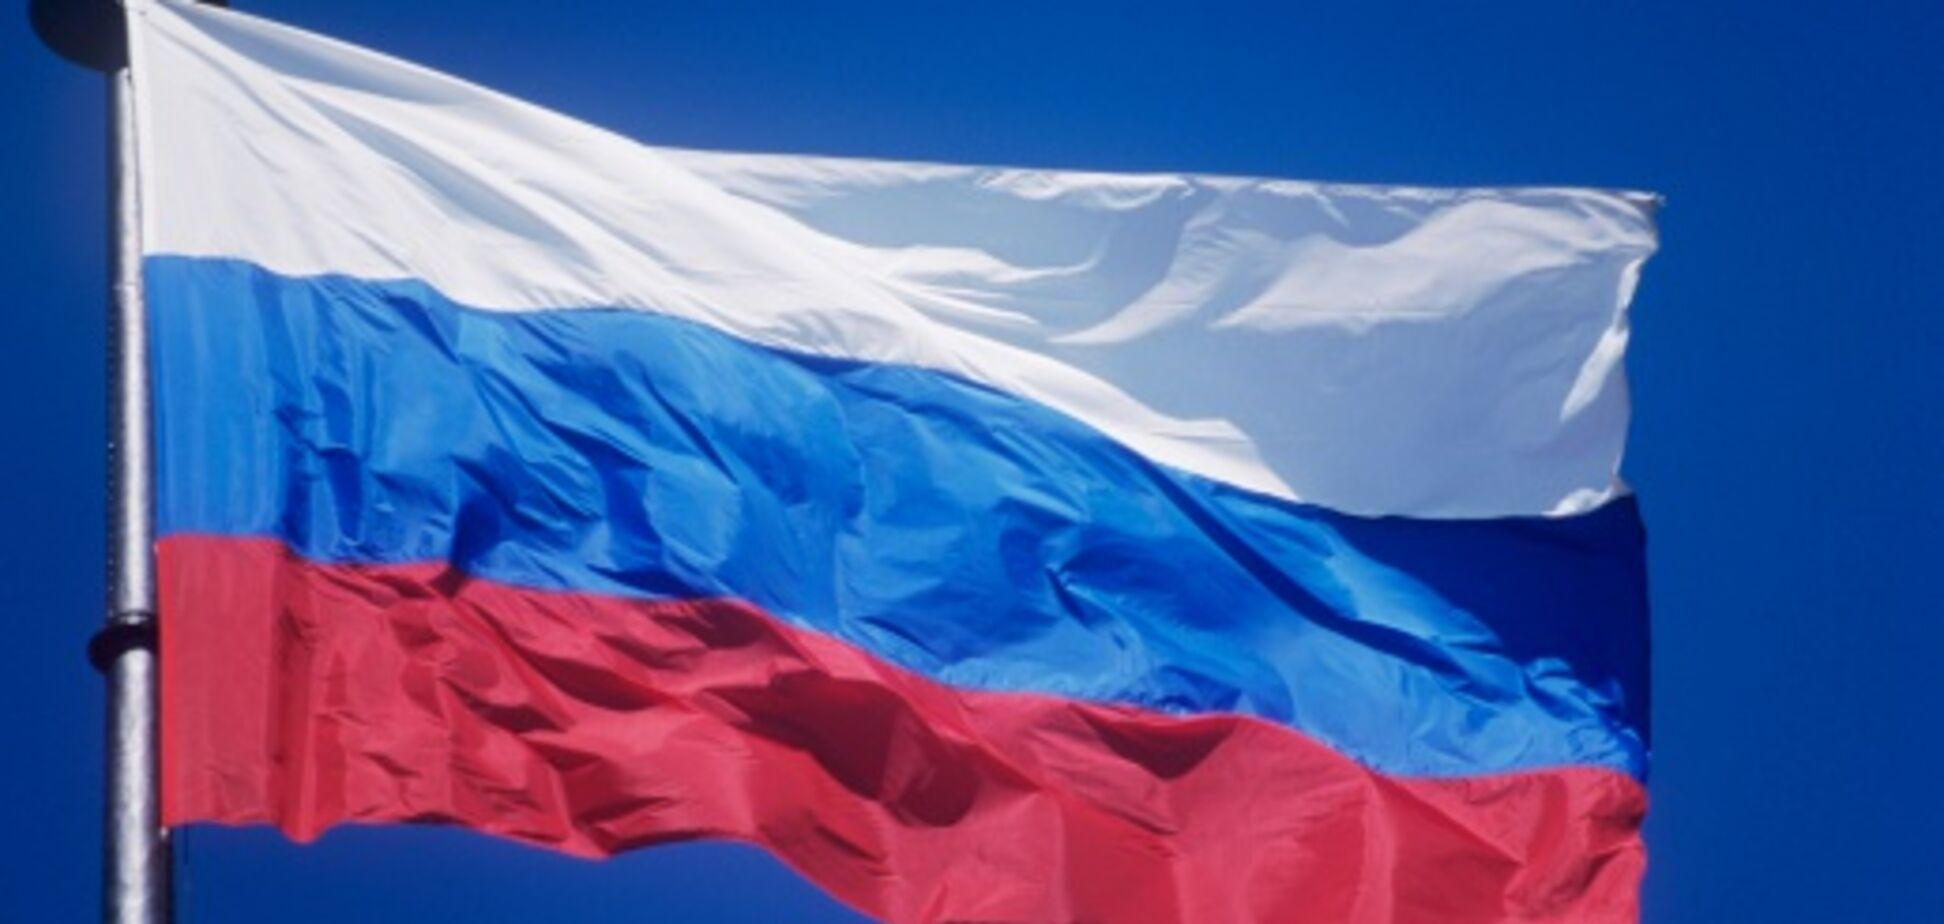 Уже началось: эксперт дал ужасающий прогноз для России